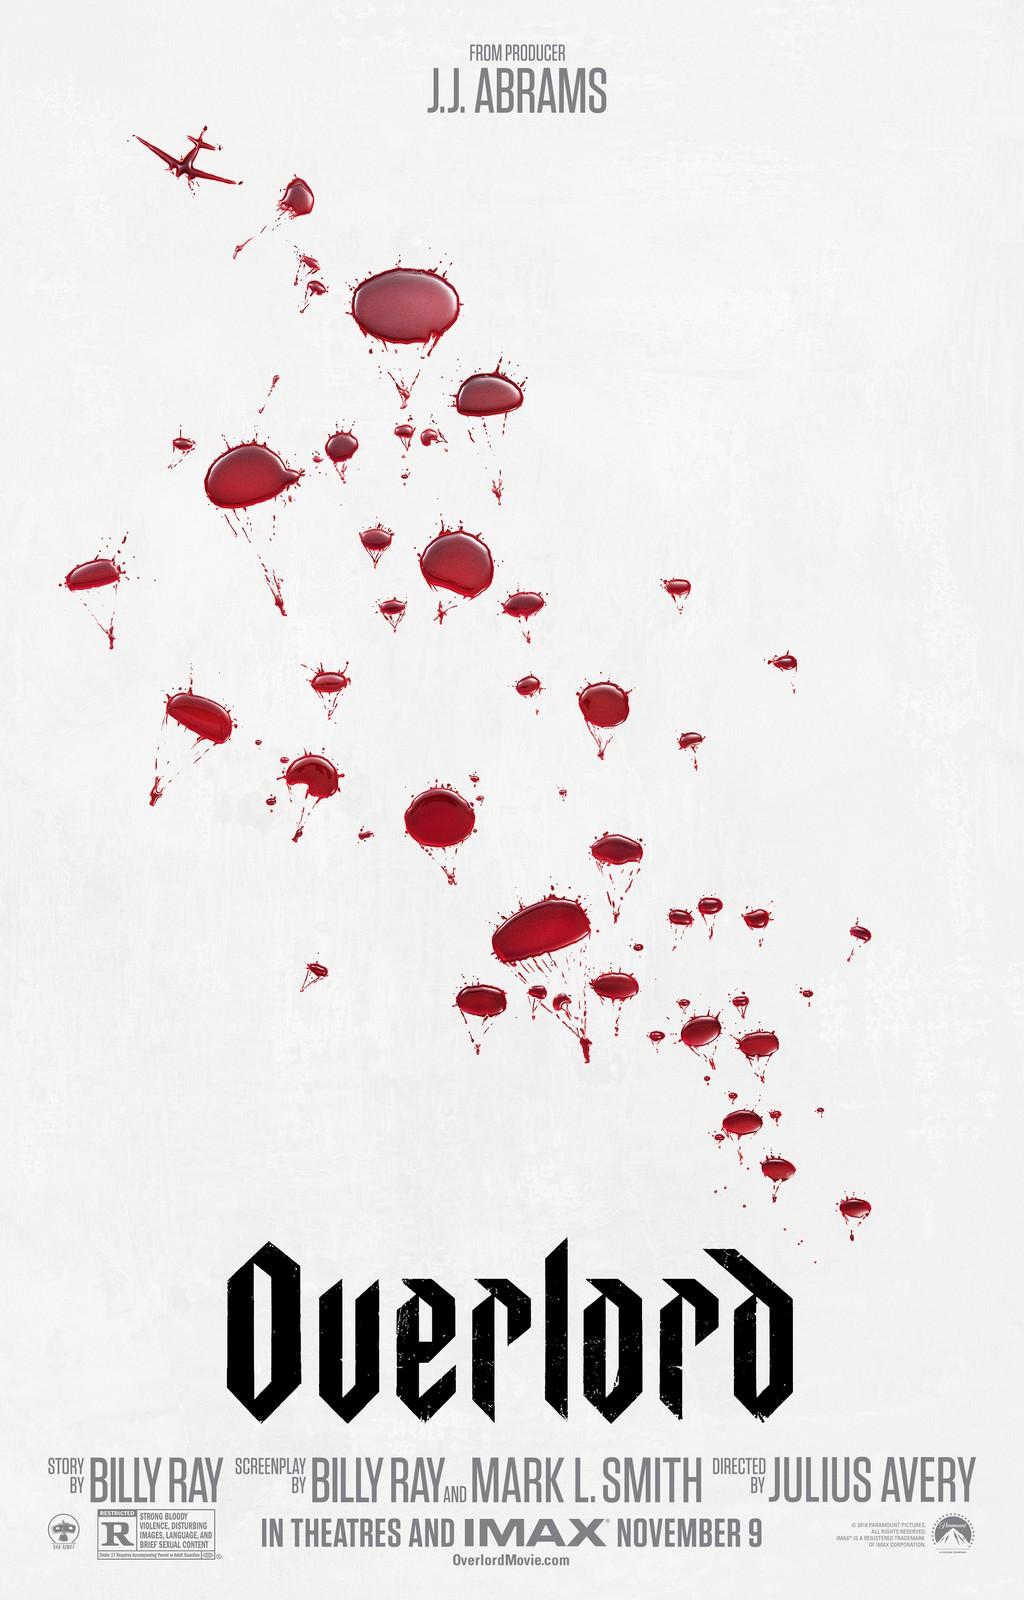 Movie, Overlord(美國, 2018年) / 大君主行動(台灣) / 大君主之役(香港) / 霸主(網路), 電影海報, 美國